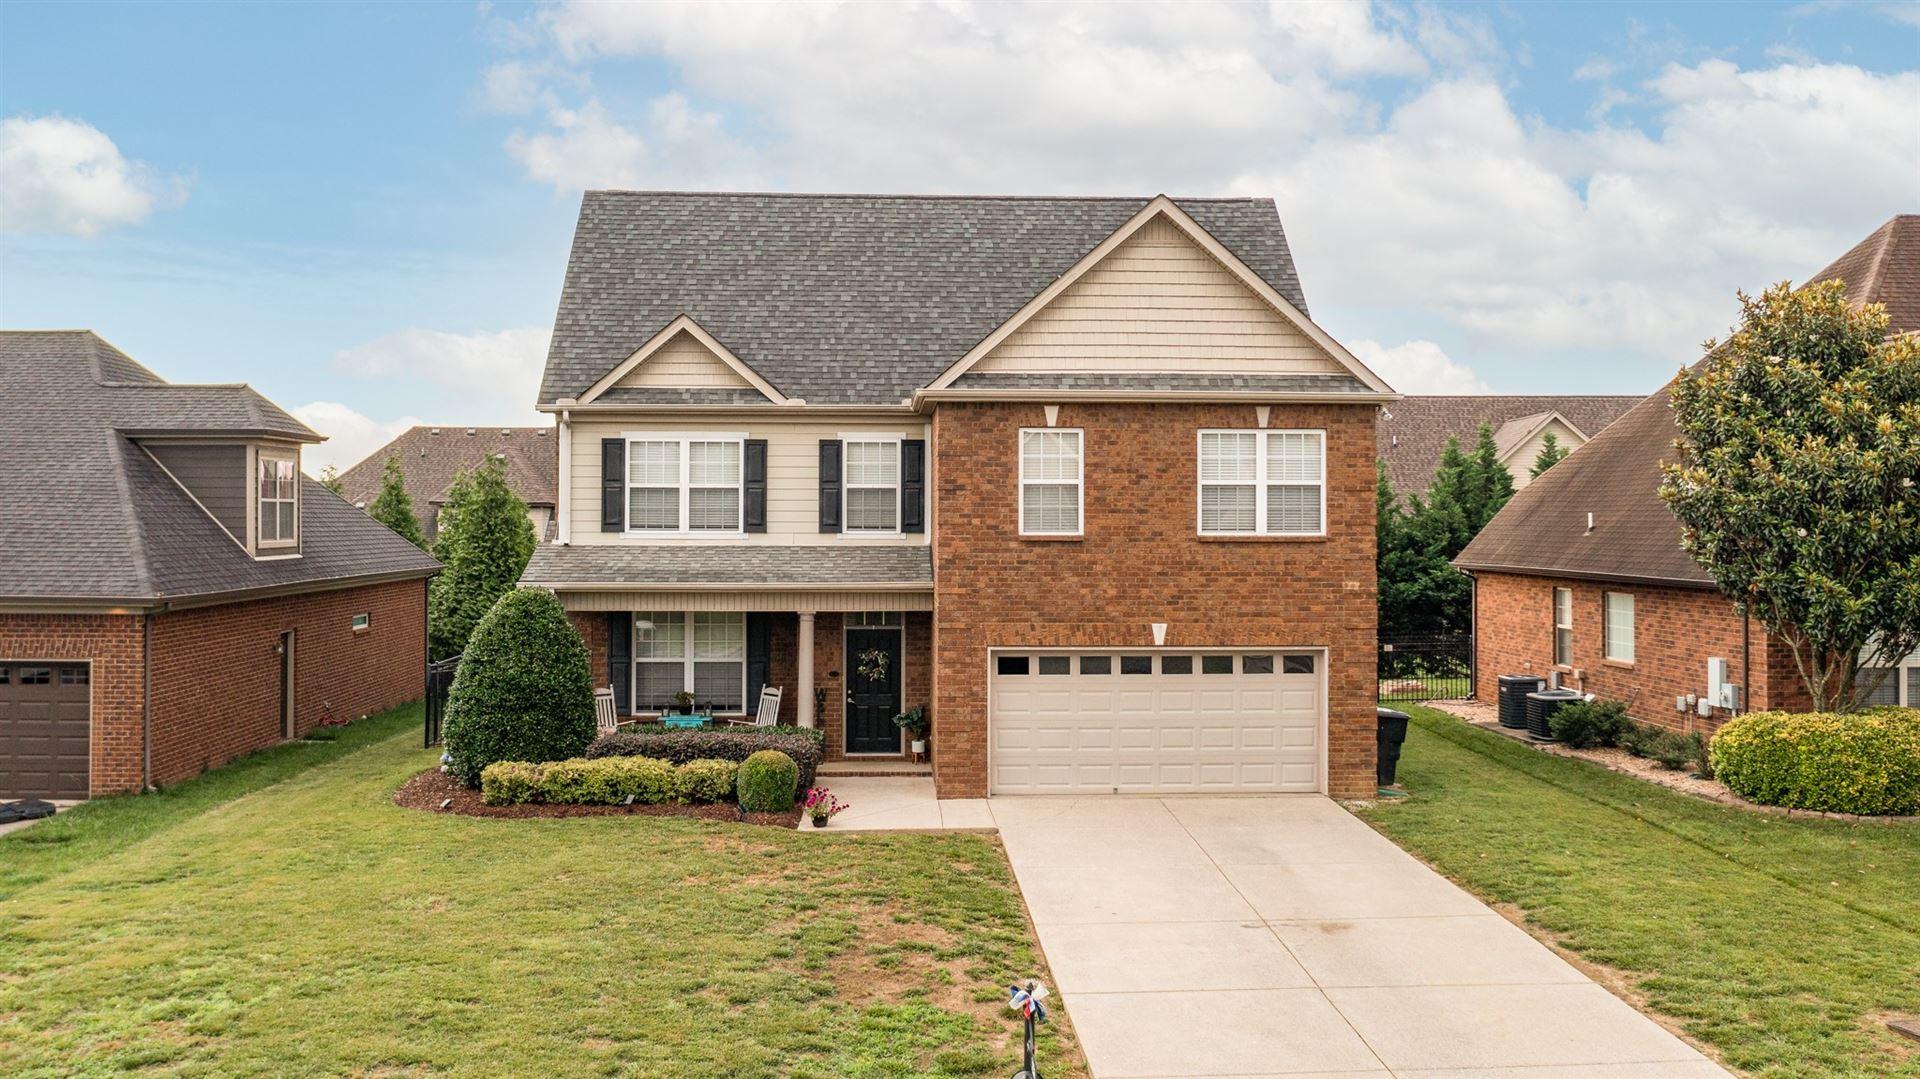 5231 Starnes Dr, Murfreesboro, TN 37128 - MLS#: 2264236